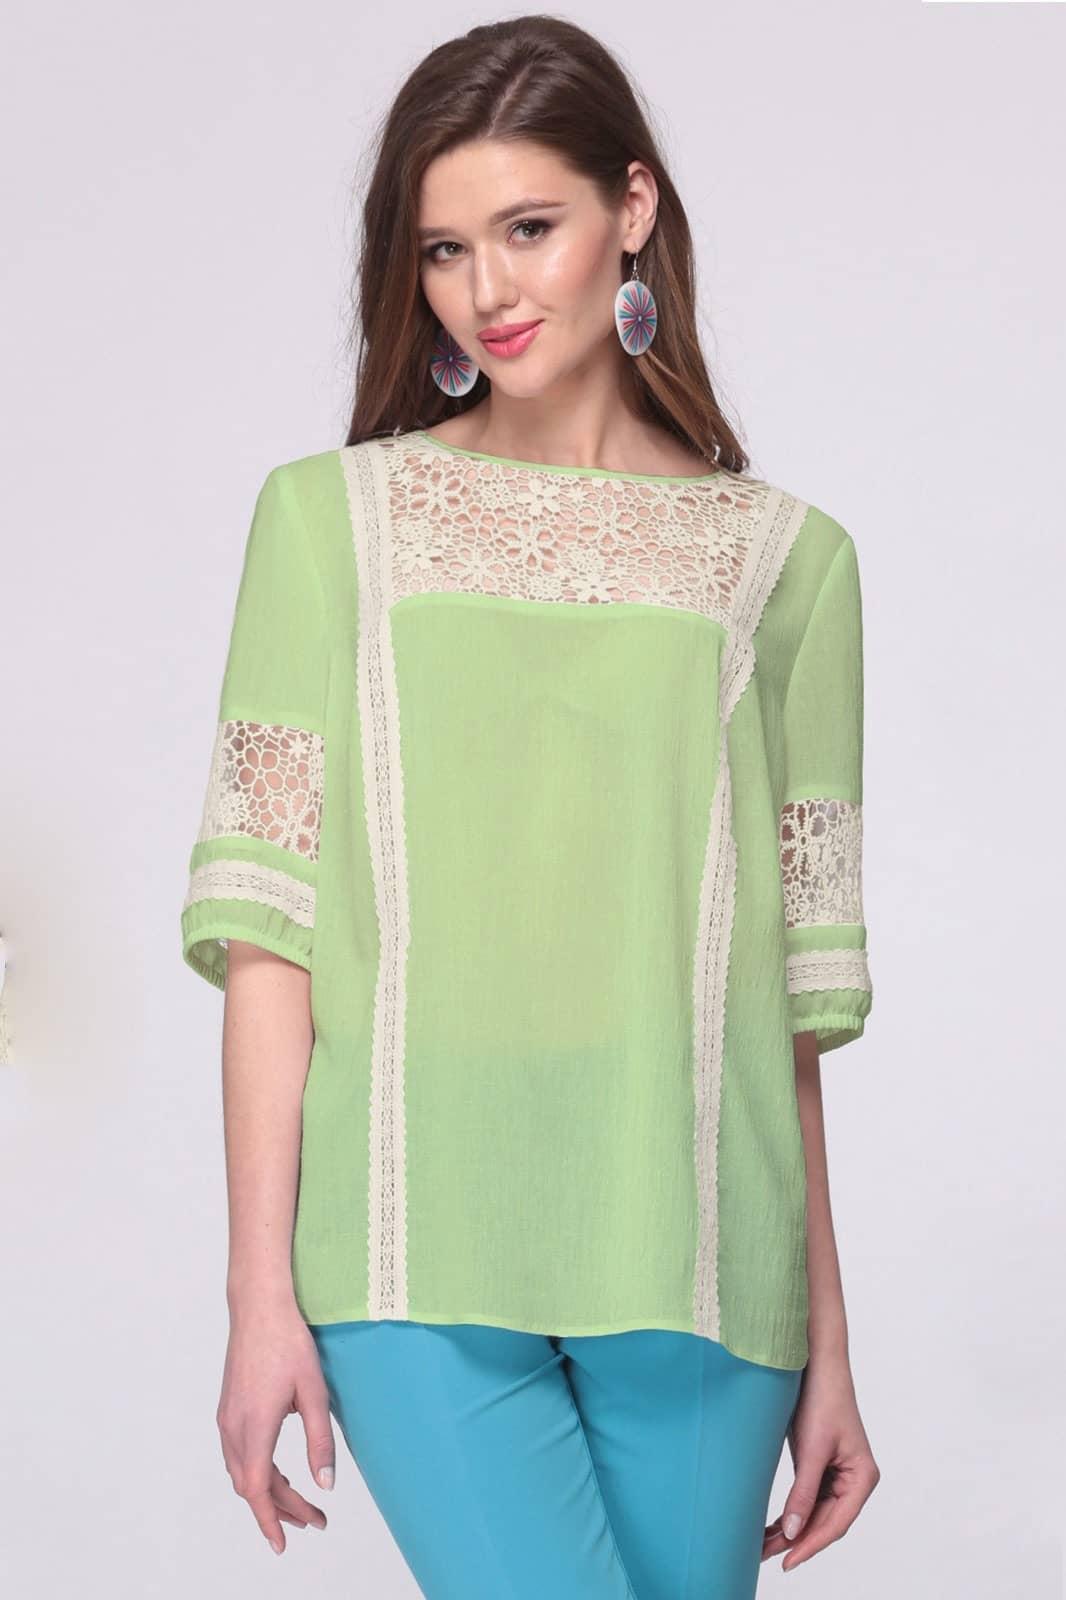 Блузка Faufilure 392С-2 оттенки зеленого - фото 1